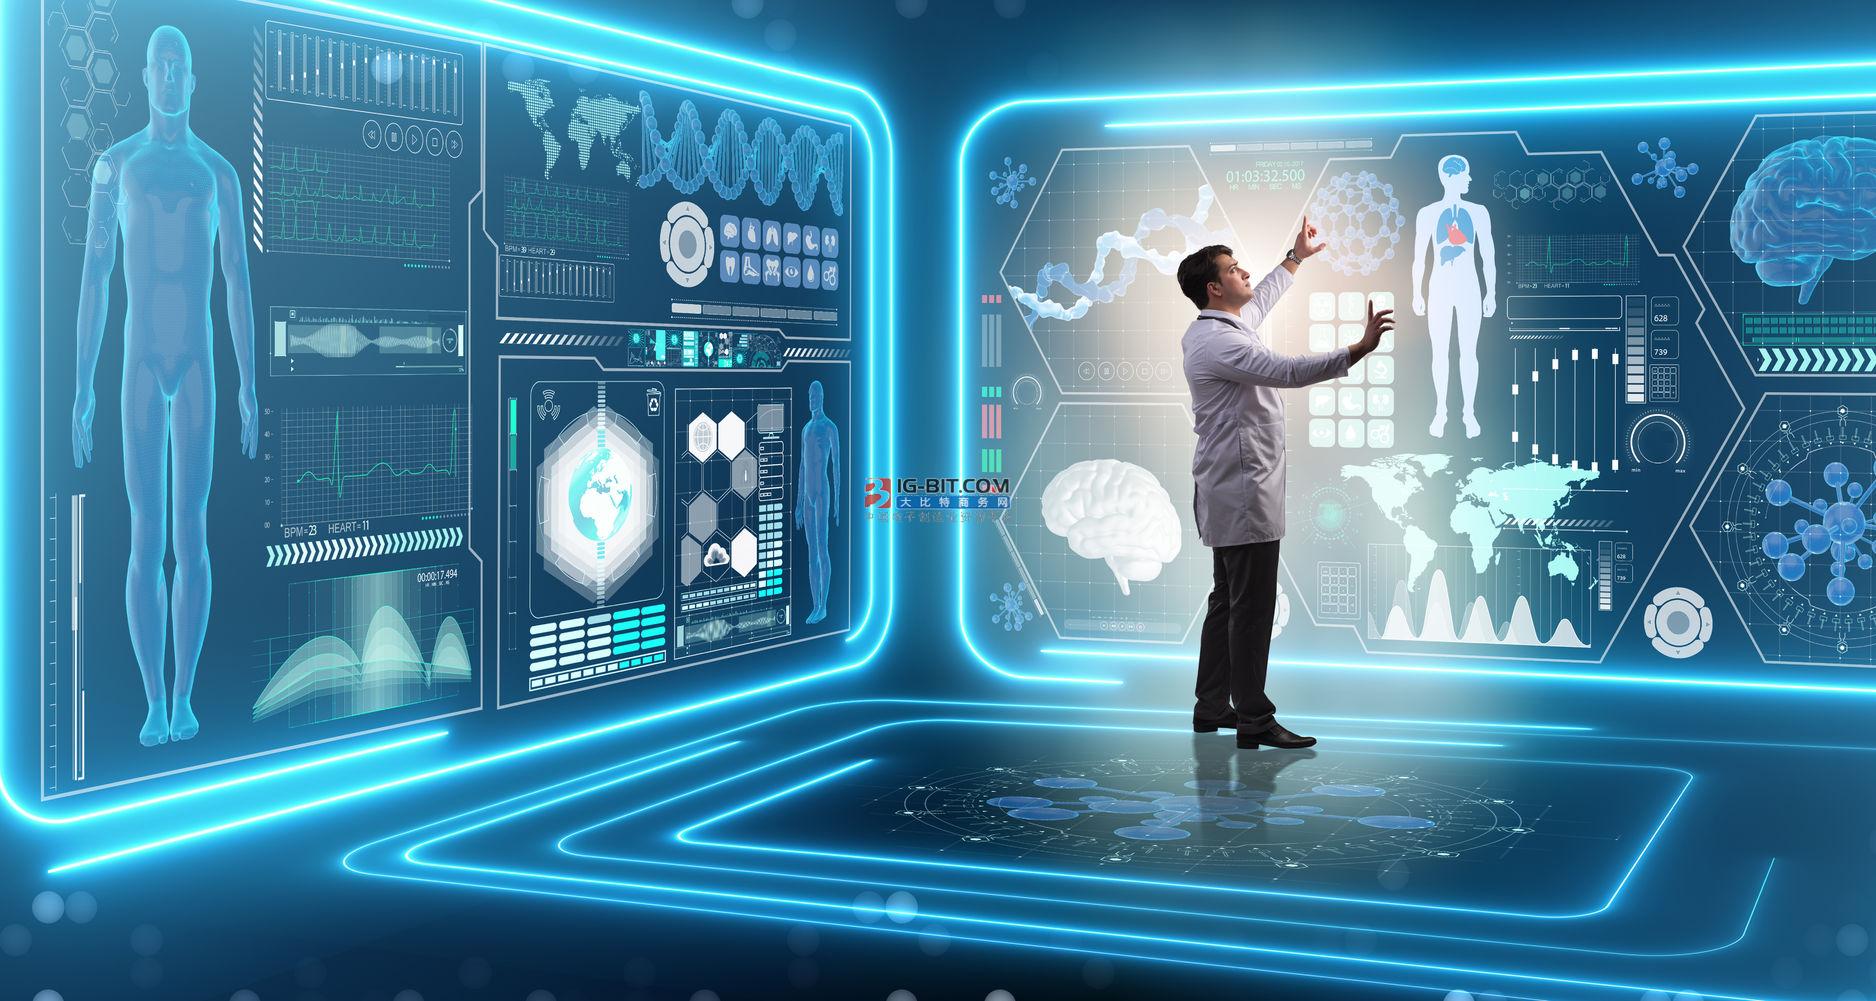 深睿医疗乔昕:浅谈5G、AI的发展与医疗新常态 | 2020世界人工智能大会